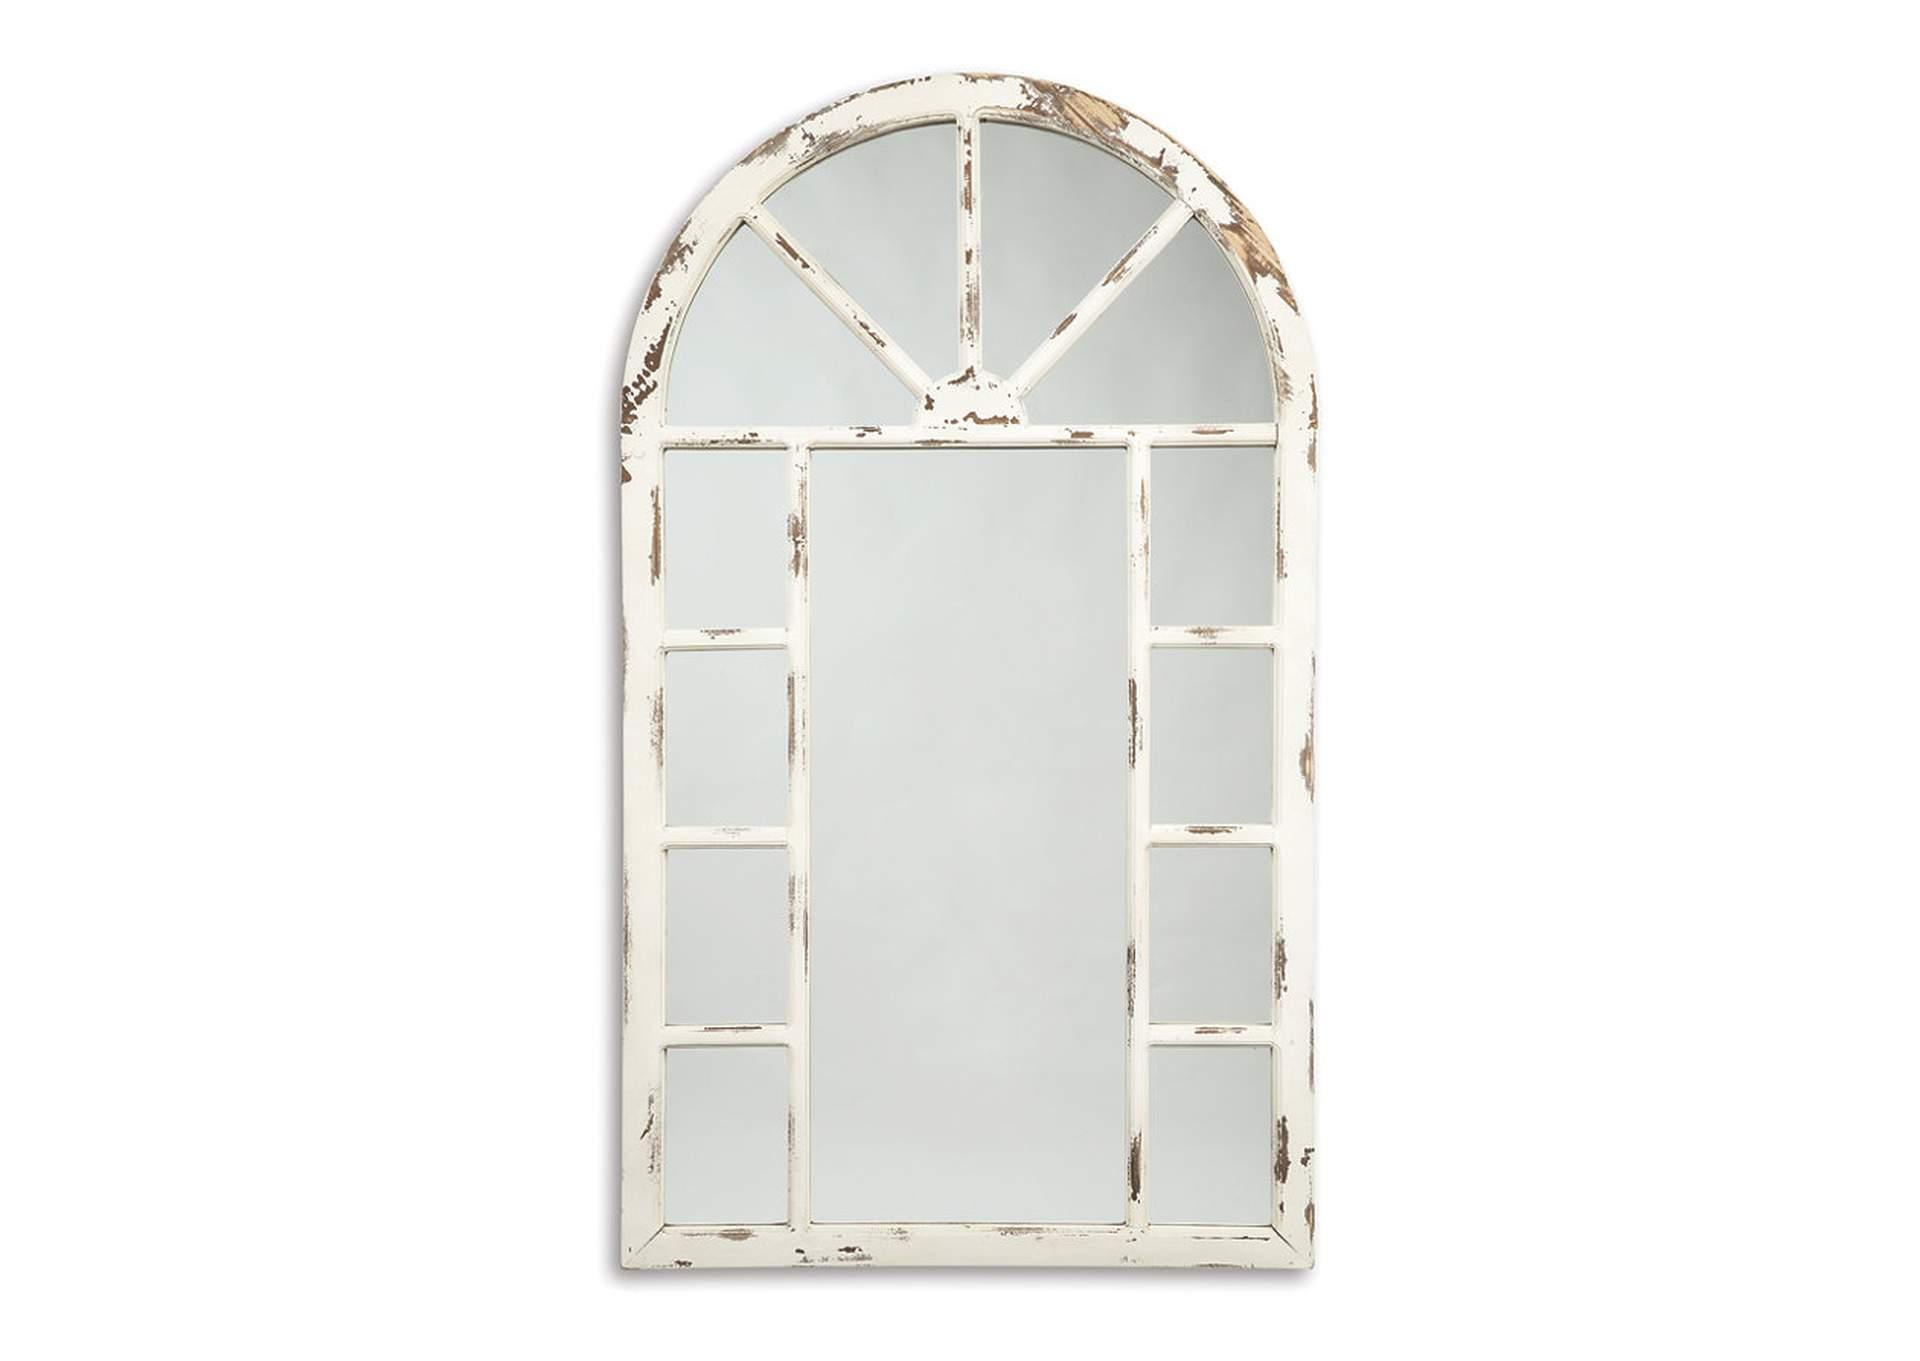 Espejo Divakar color blanco antiguo   PEDIDO ESPECIAL